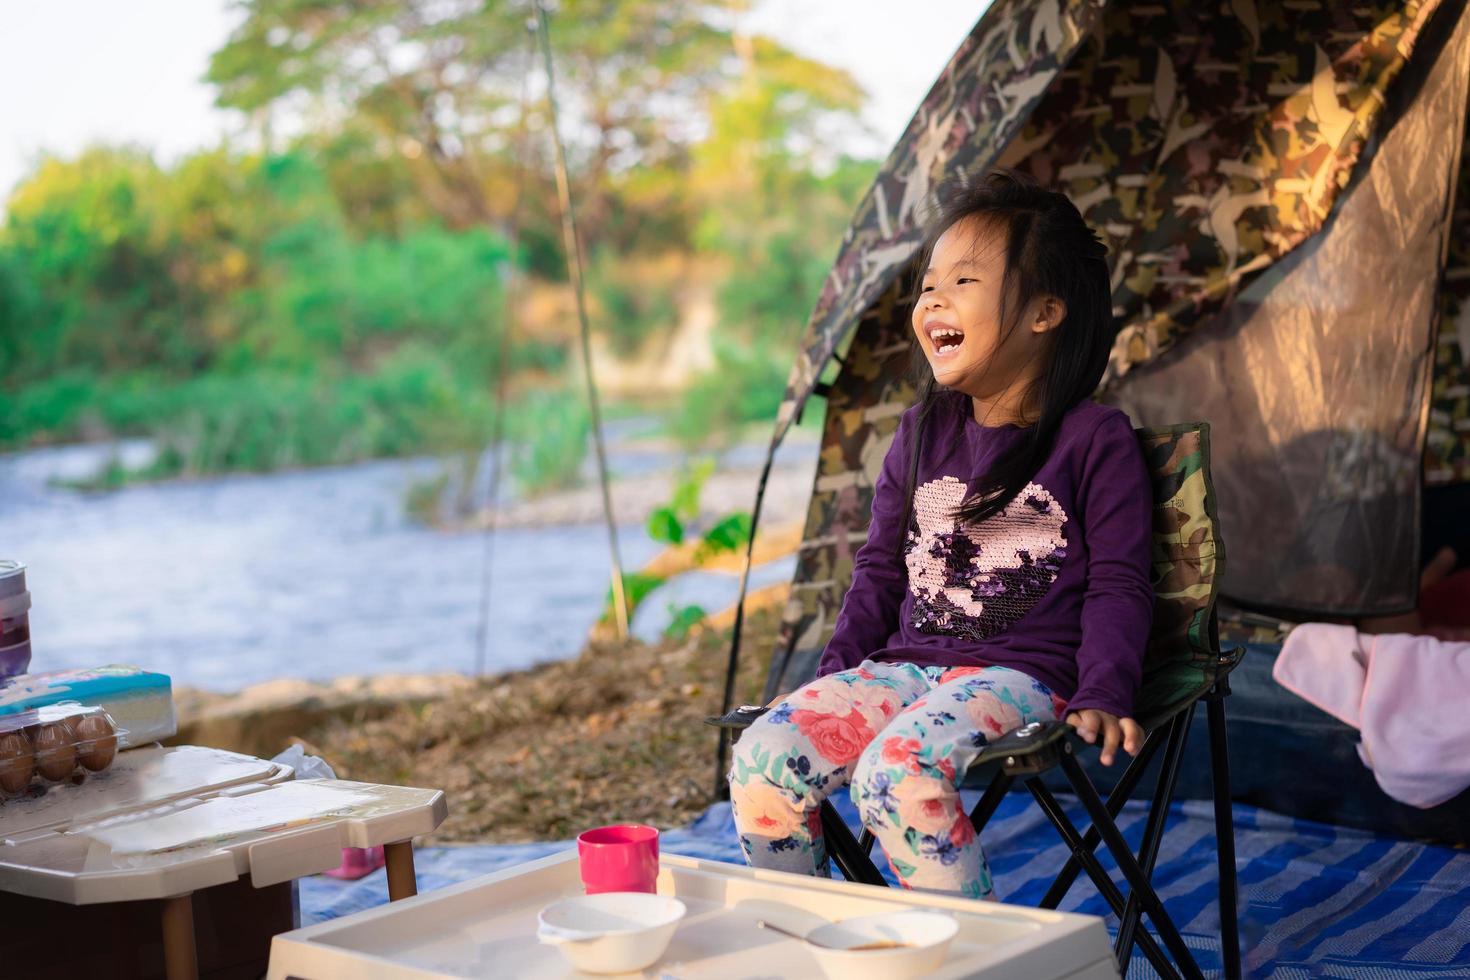 ragazza seduta in un campeggio, sorridendo foto